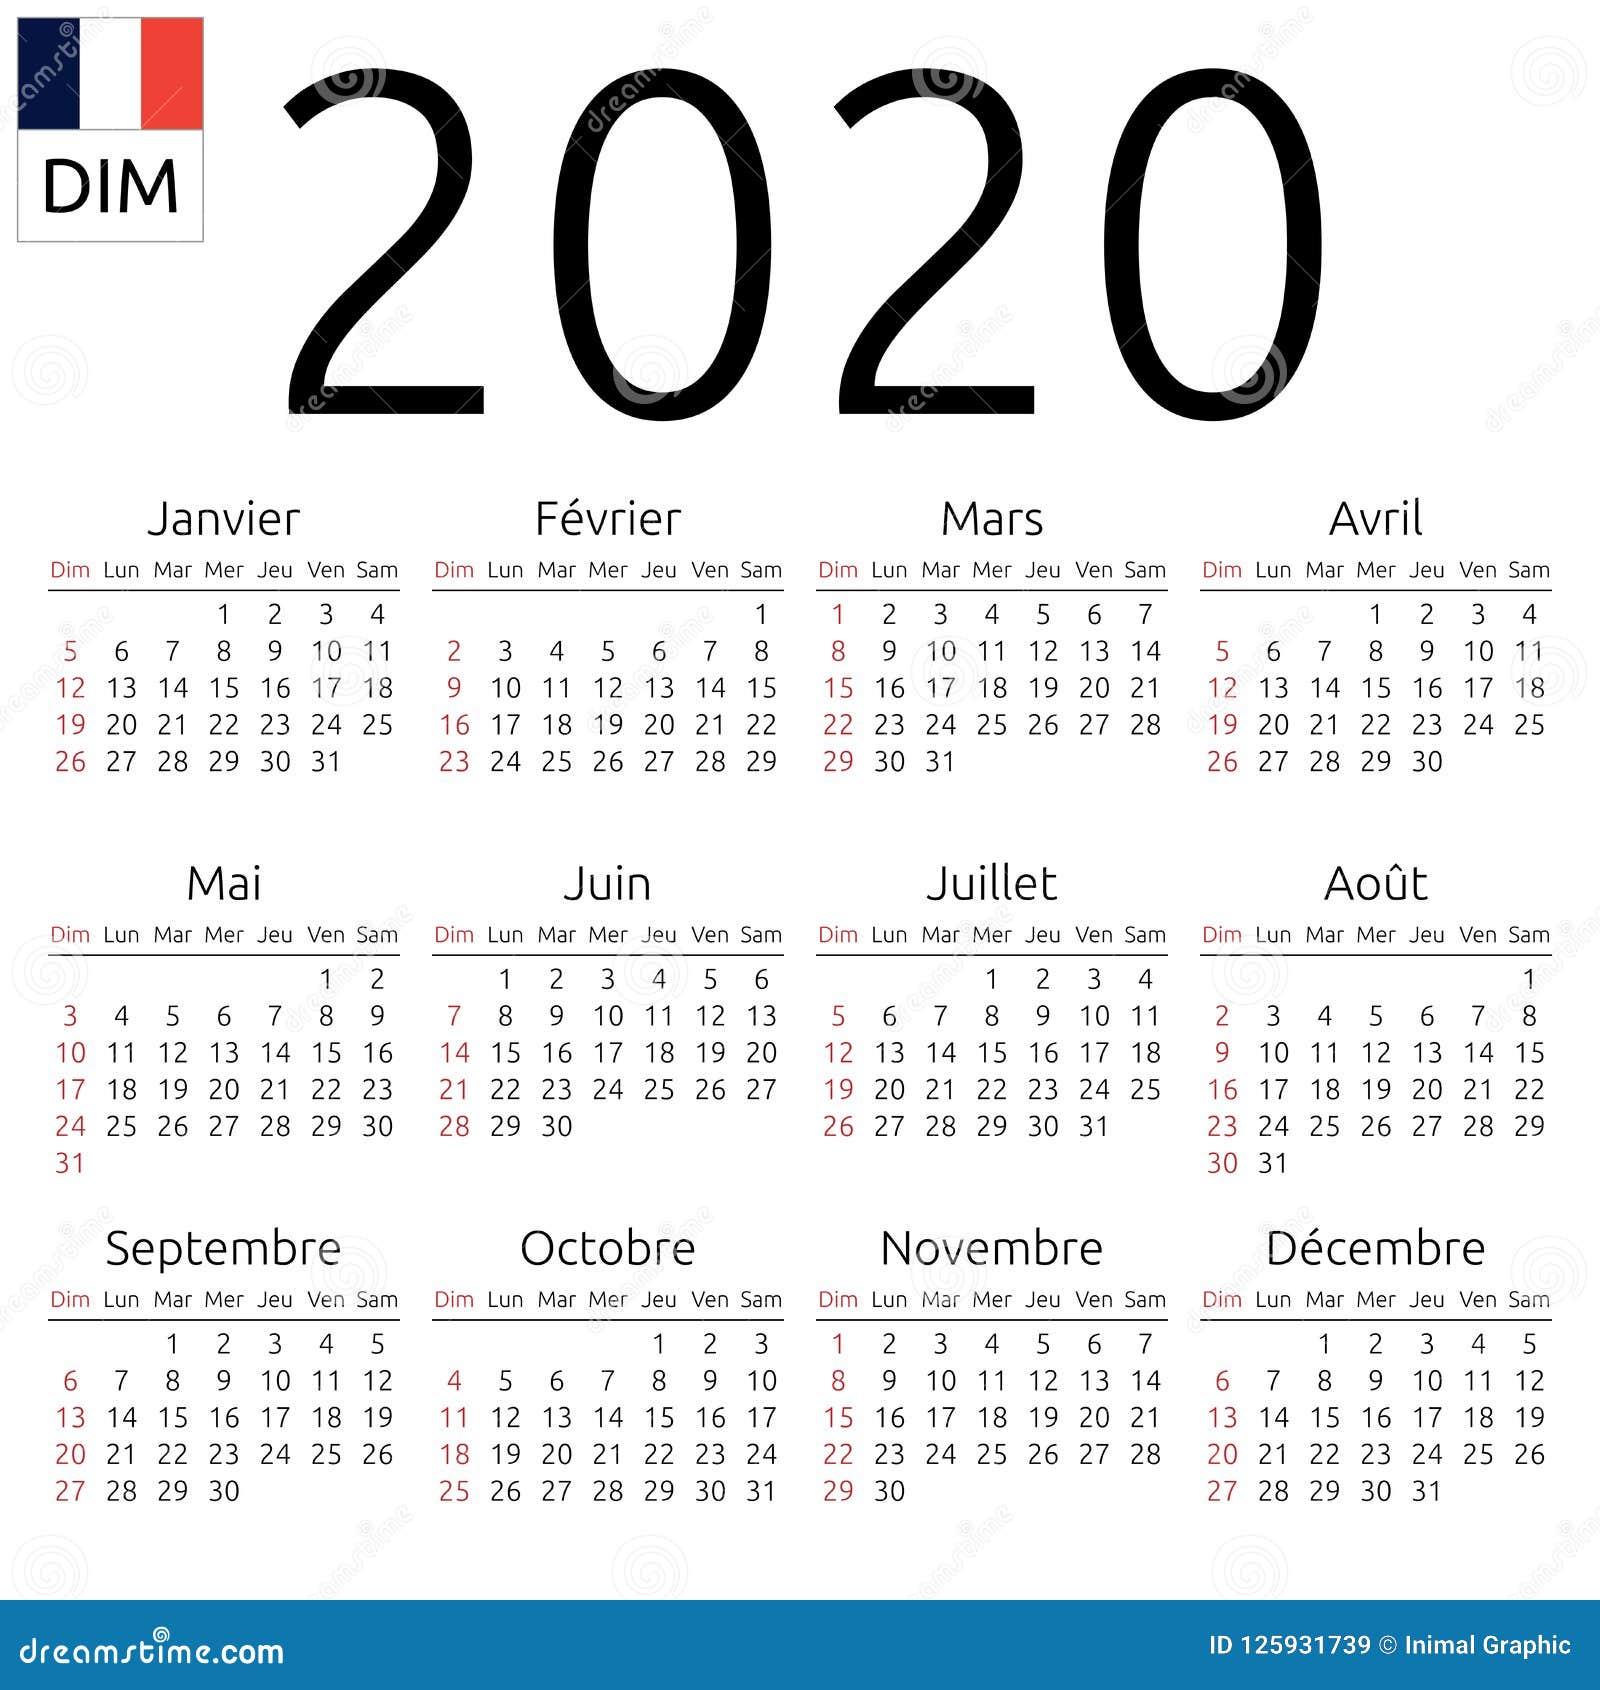 Calendario 2020 Com Feriados Para Impressao.Calendario 2020 Frances Domingo Ilustracao Do Vetor